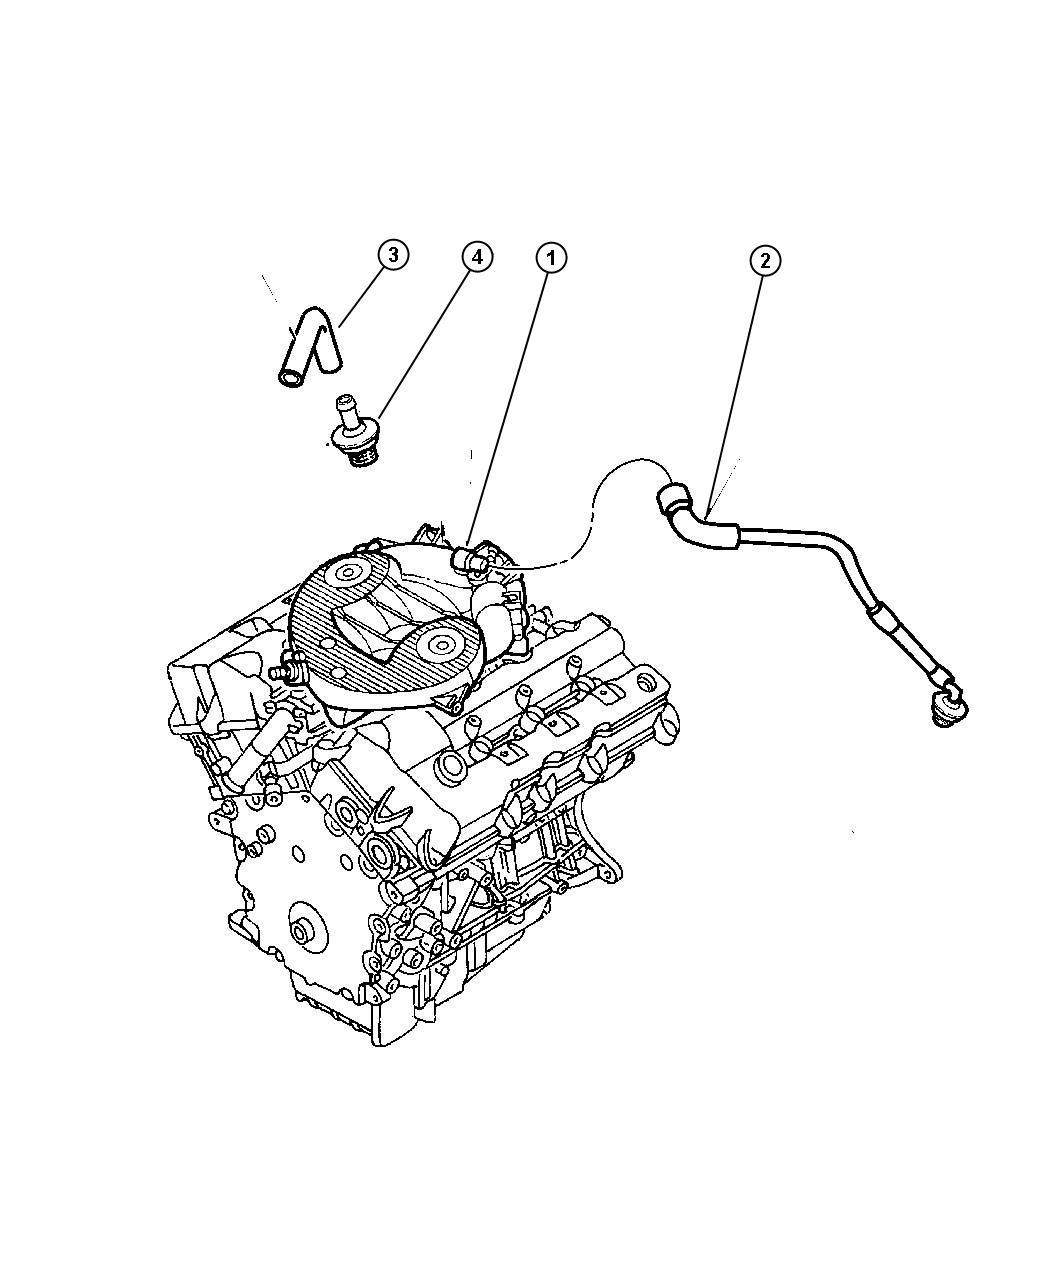 2001 Dodge Intrepid Crankcase Ventilation 2.7L Engine